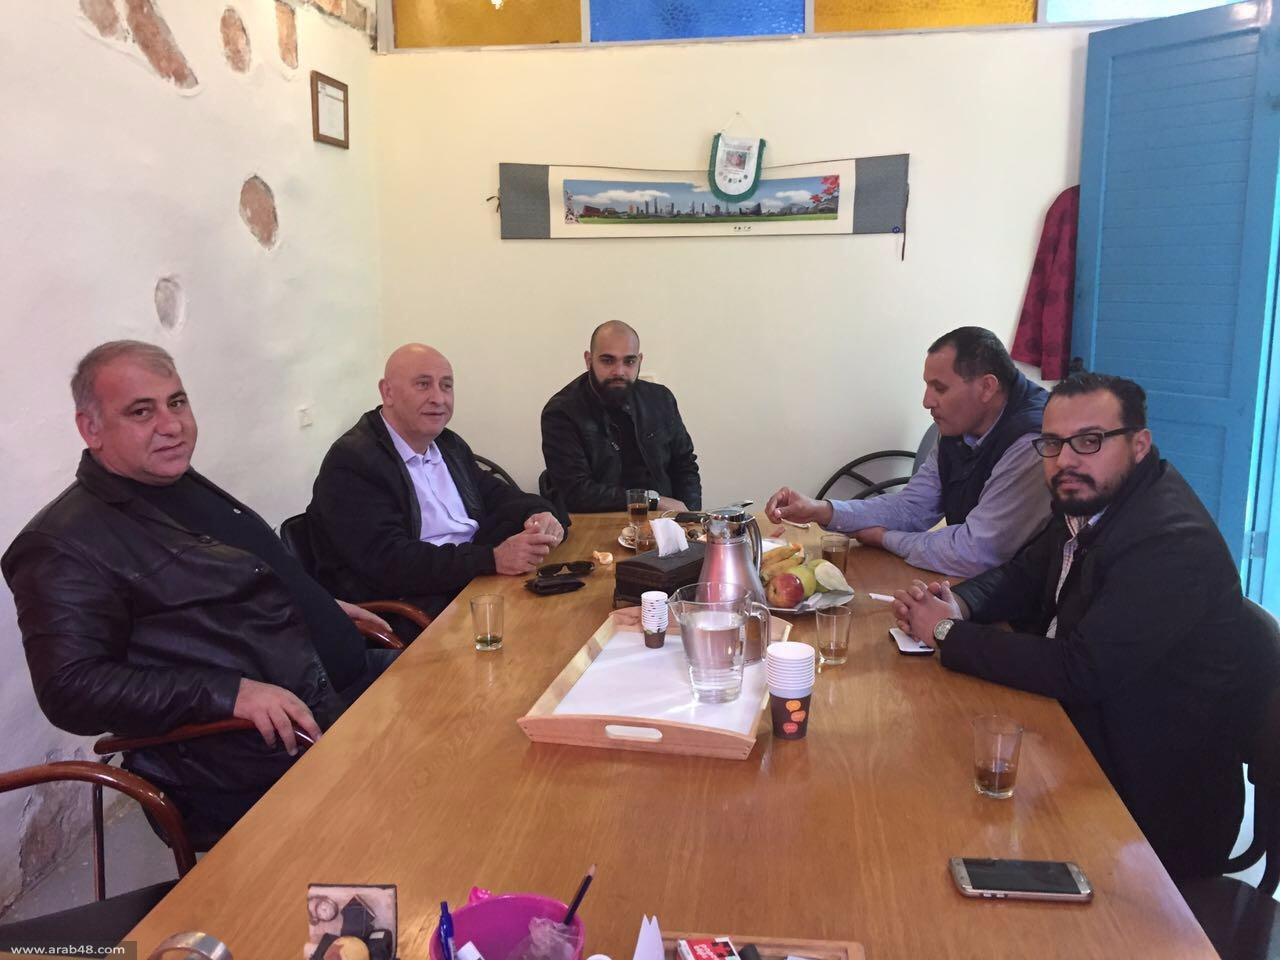 النائب غطاس يزور اتحاد مدن حوض البطوف